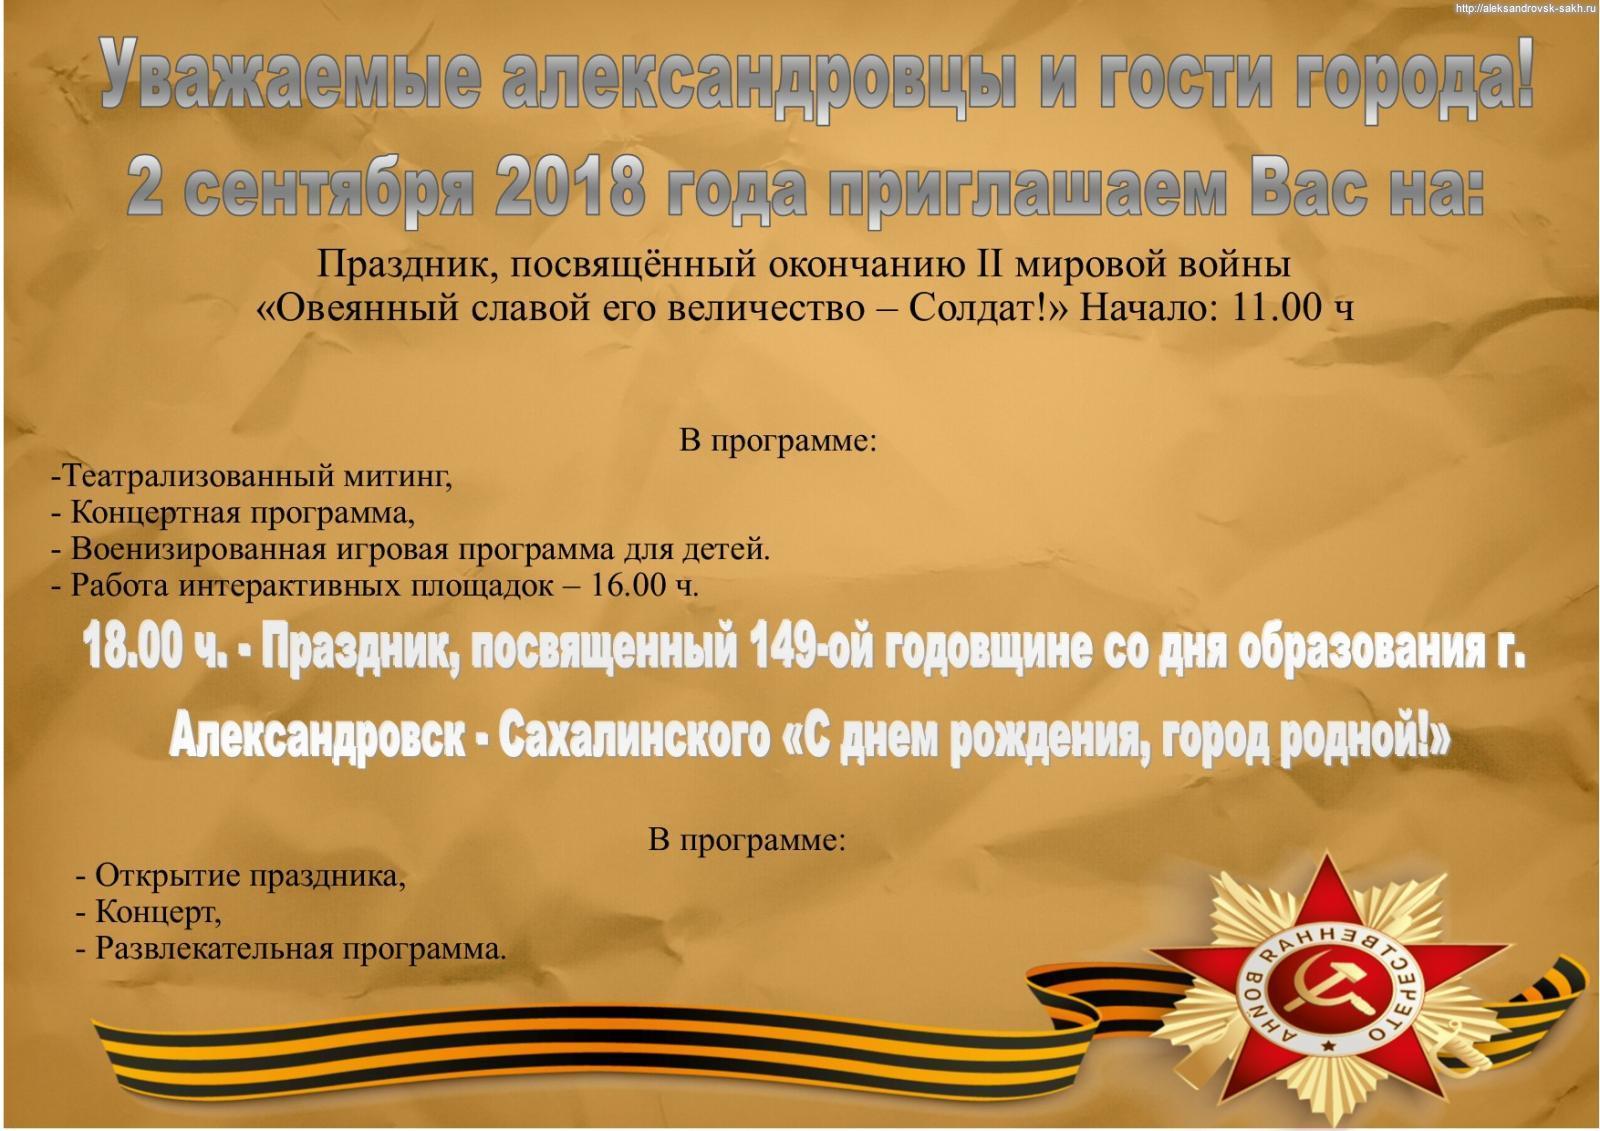 Программа  на 2 сентября